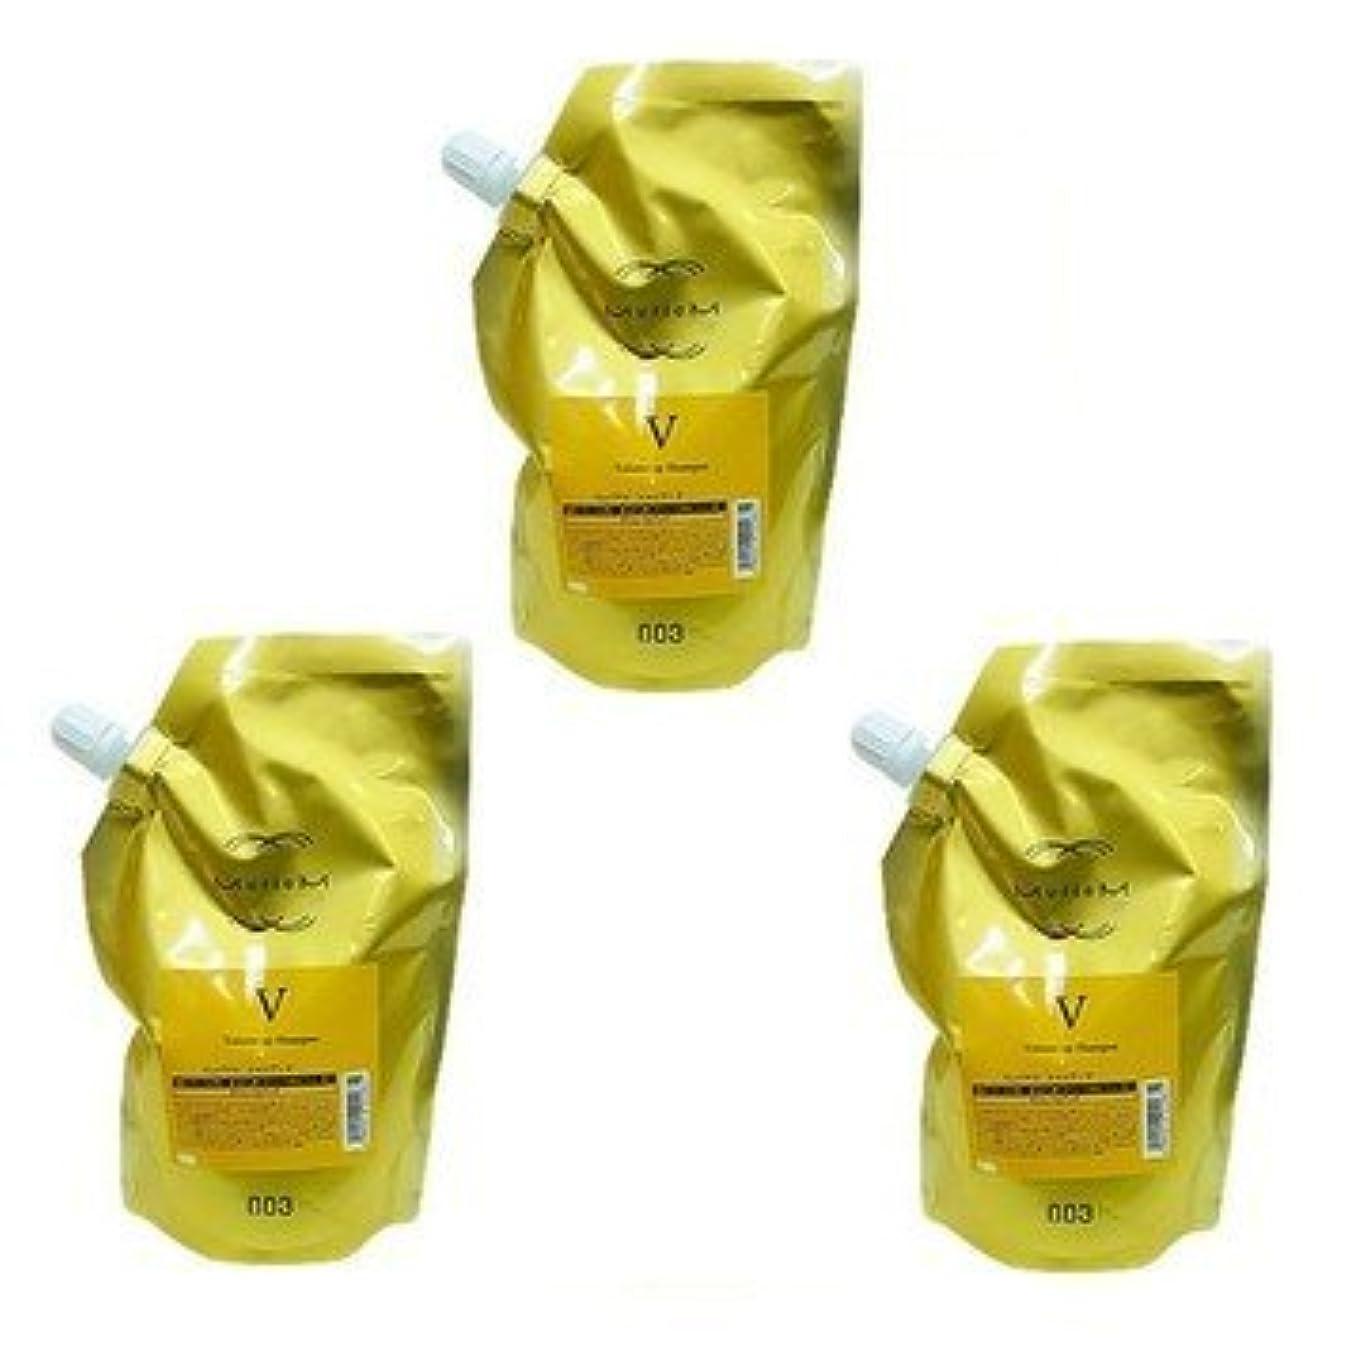 いたずらな遠足胆嚢【X3個セット】 ナンバースリー ミュリアム ゴールド シャンプー V 500ml 詰替え用